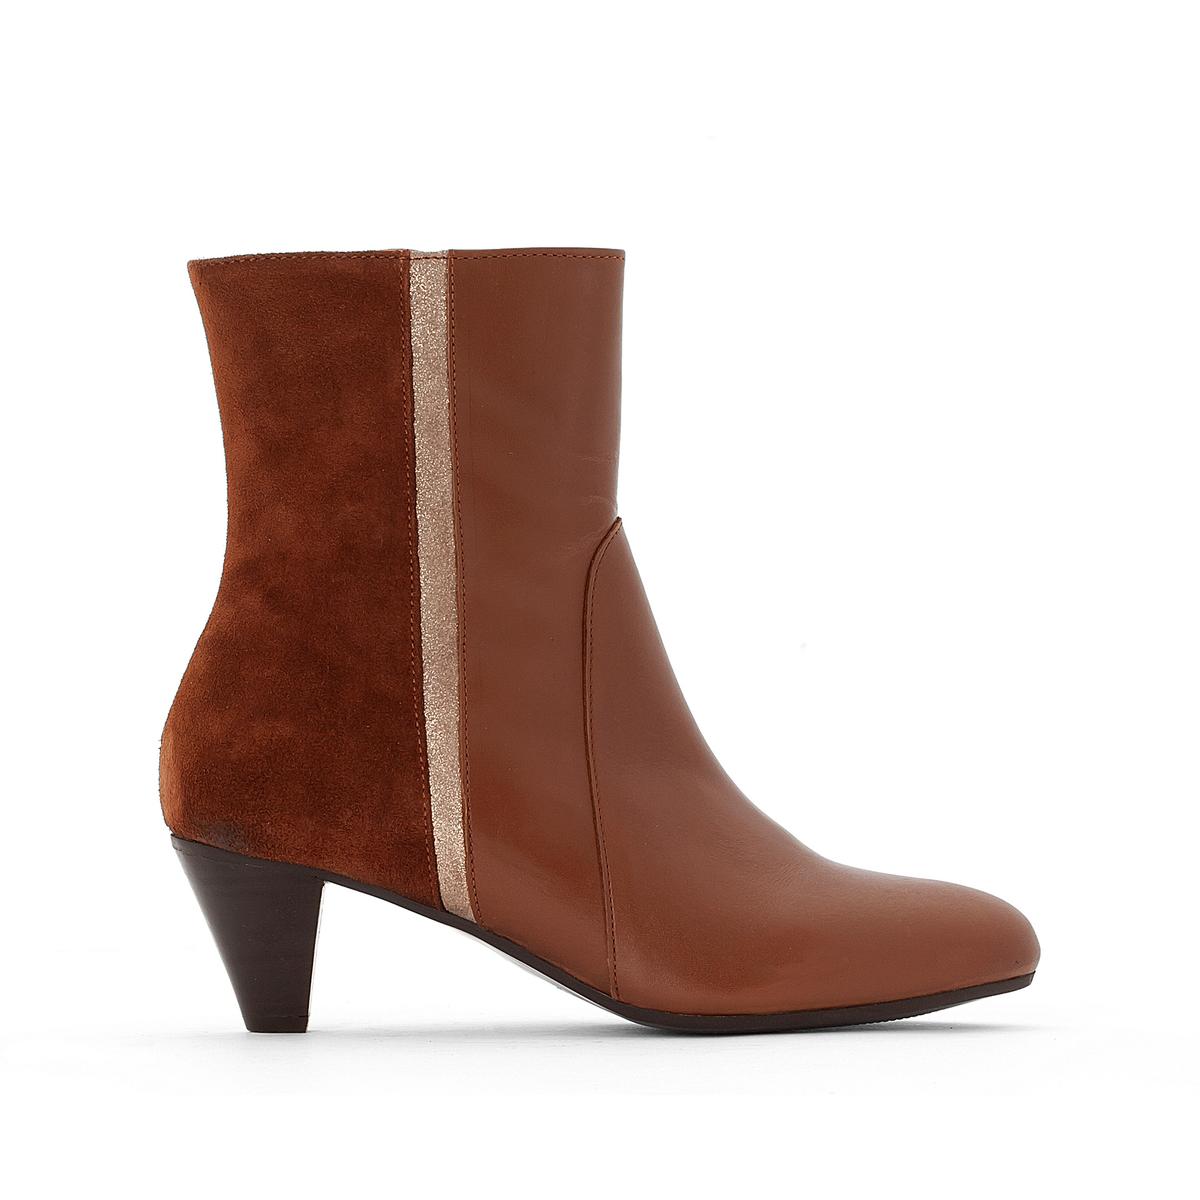 Ботинки кожаные ChelseaВерх/ Голенище : Кожа.      Подкладка : Кожа.      Стелька : Каучук.     Подошва : Каучук.     Форма каблука : Плоский каблук     Мысок : Закругленный     Застежка : без застежки<br><br>Цвет: каштановый<br>Размер: 37